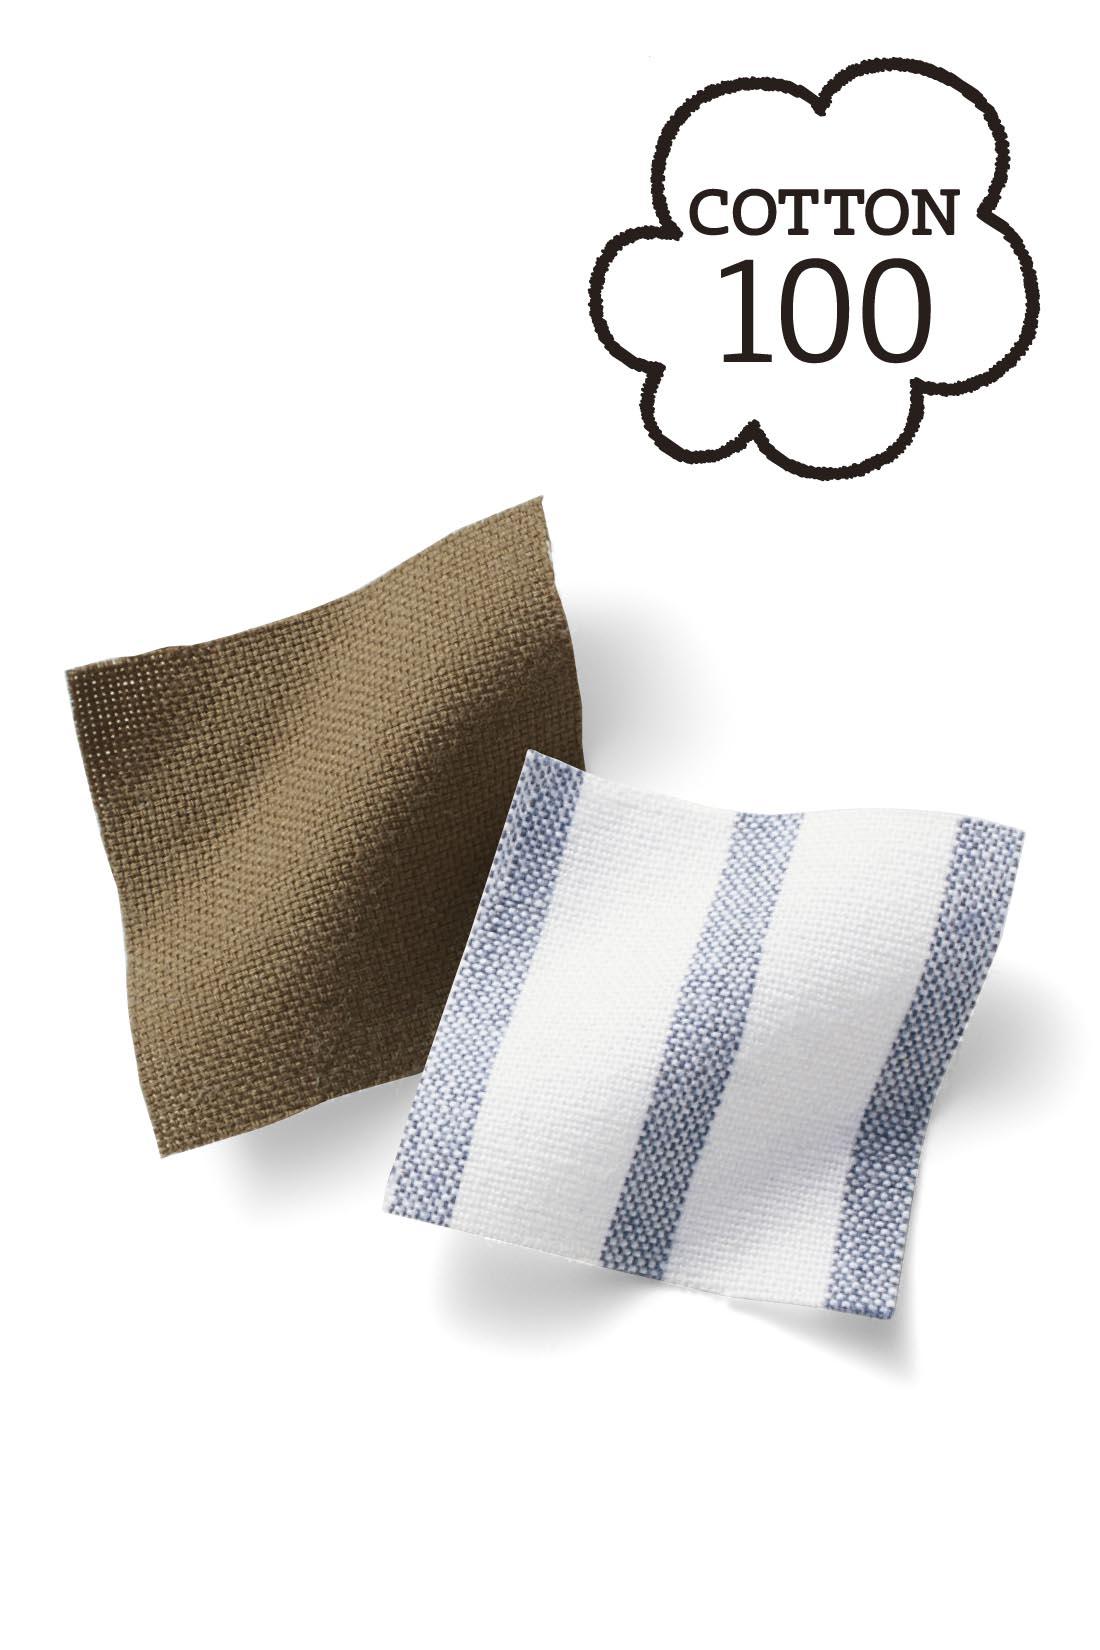 洗いざらしでもOKな綿100%のさわやかな素材感。